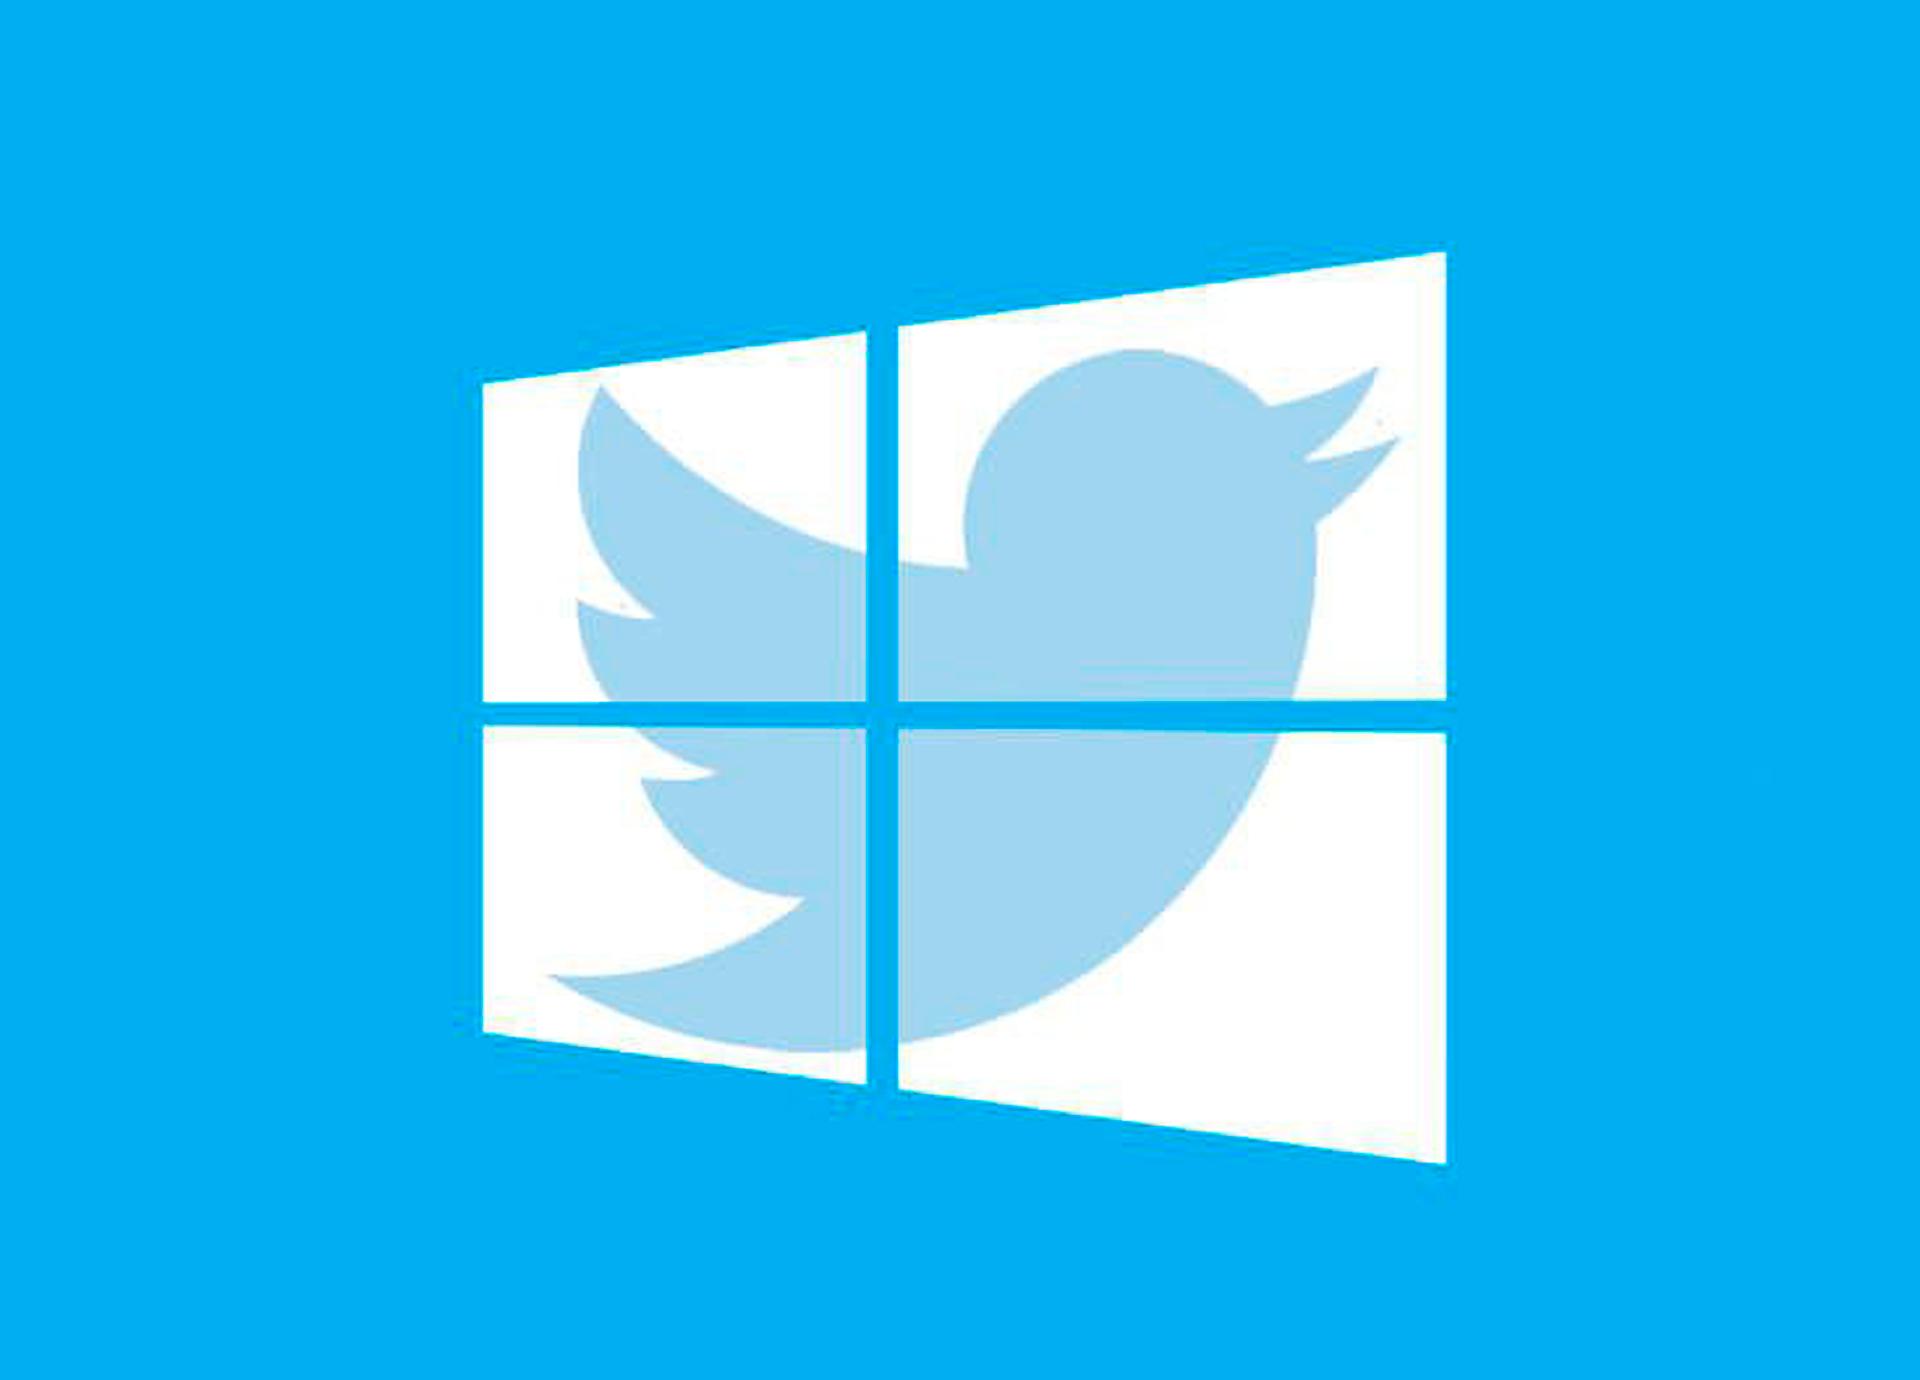 Twitter prueba una versión experimental de su app para Windows 10